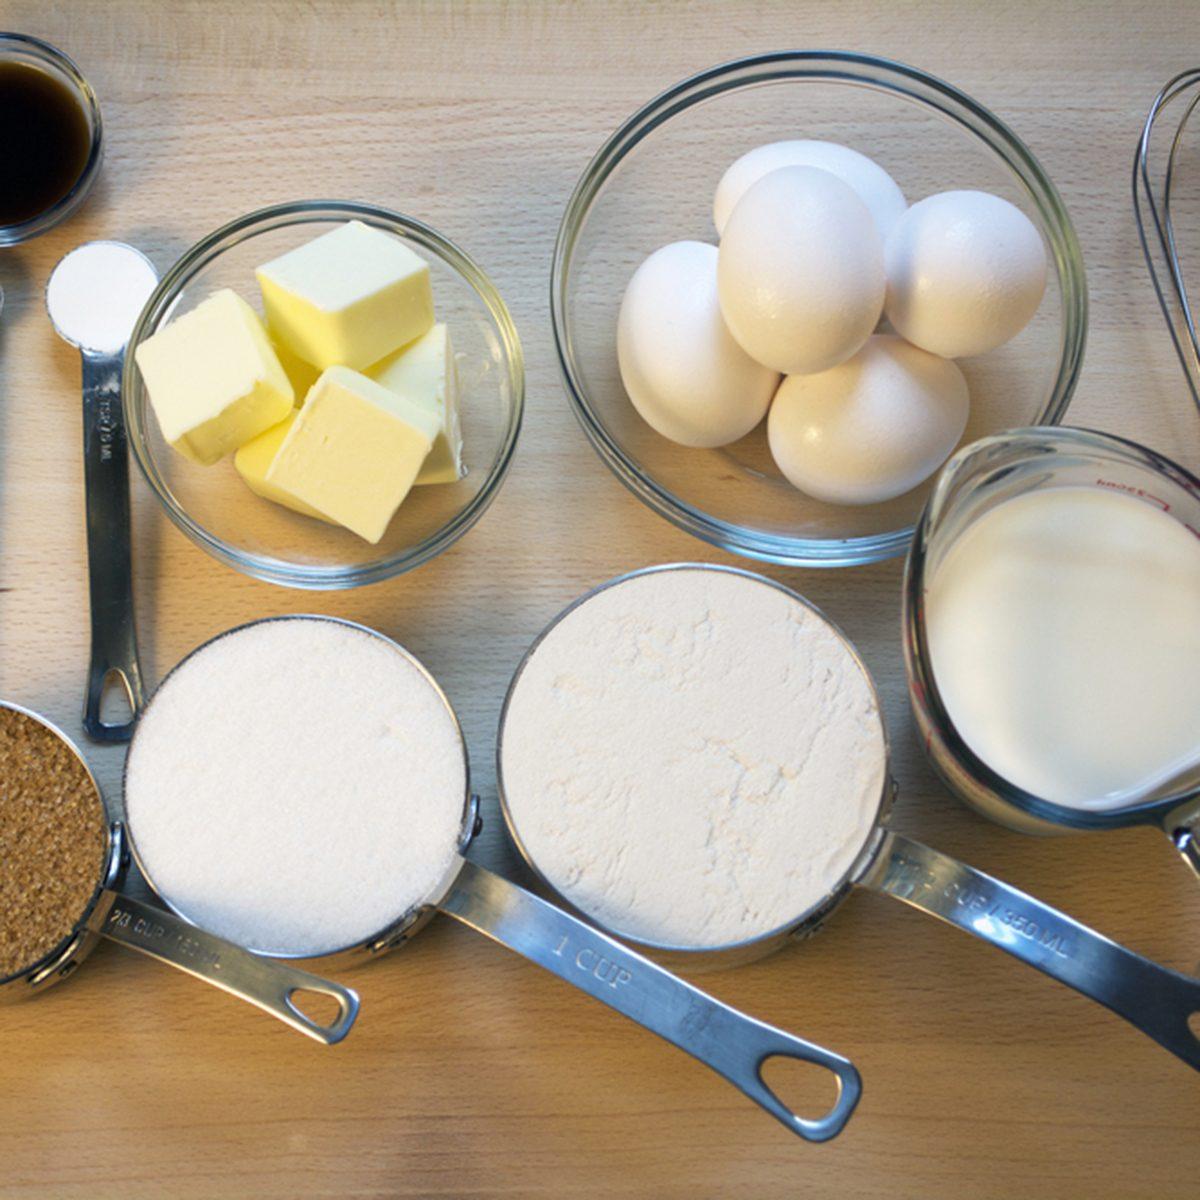 Baking Ingredients on Wooden Board